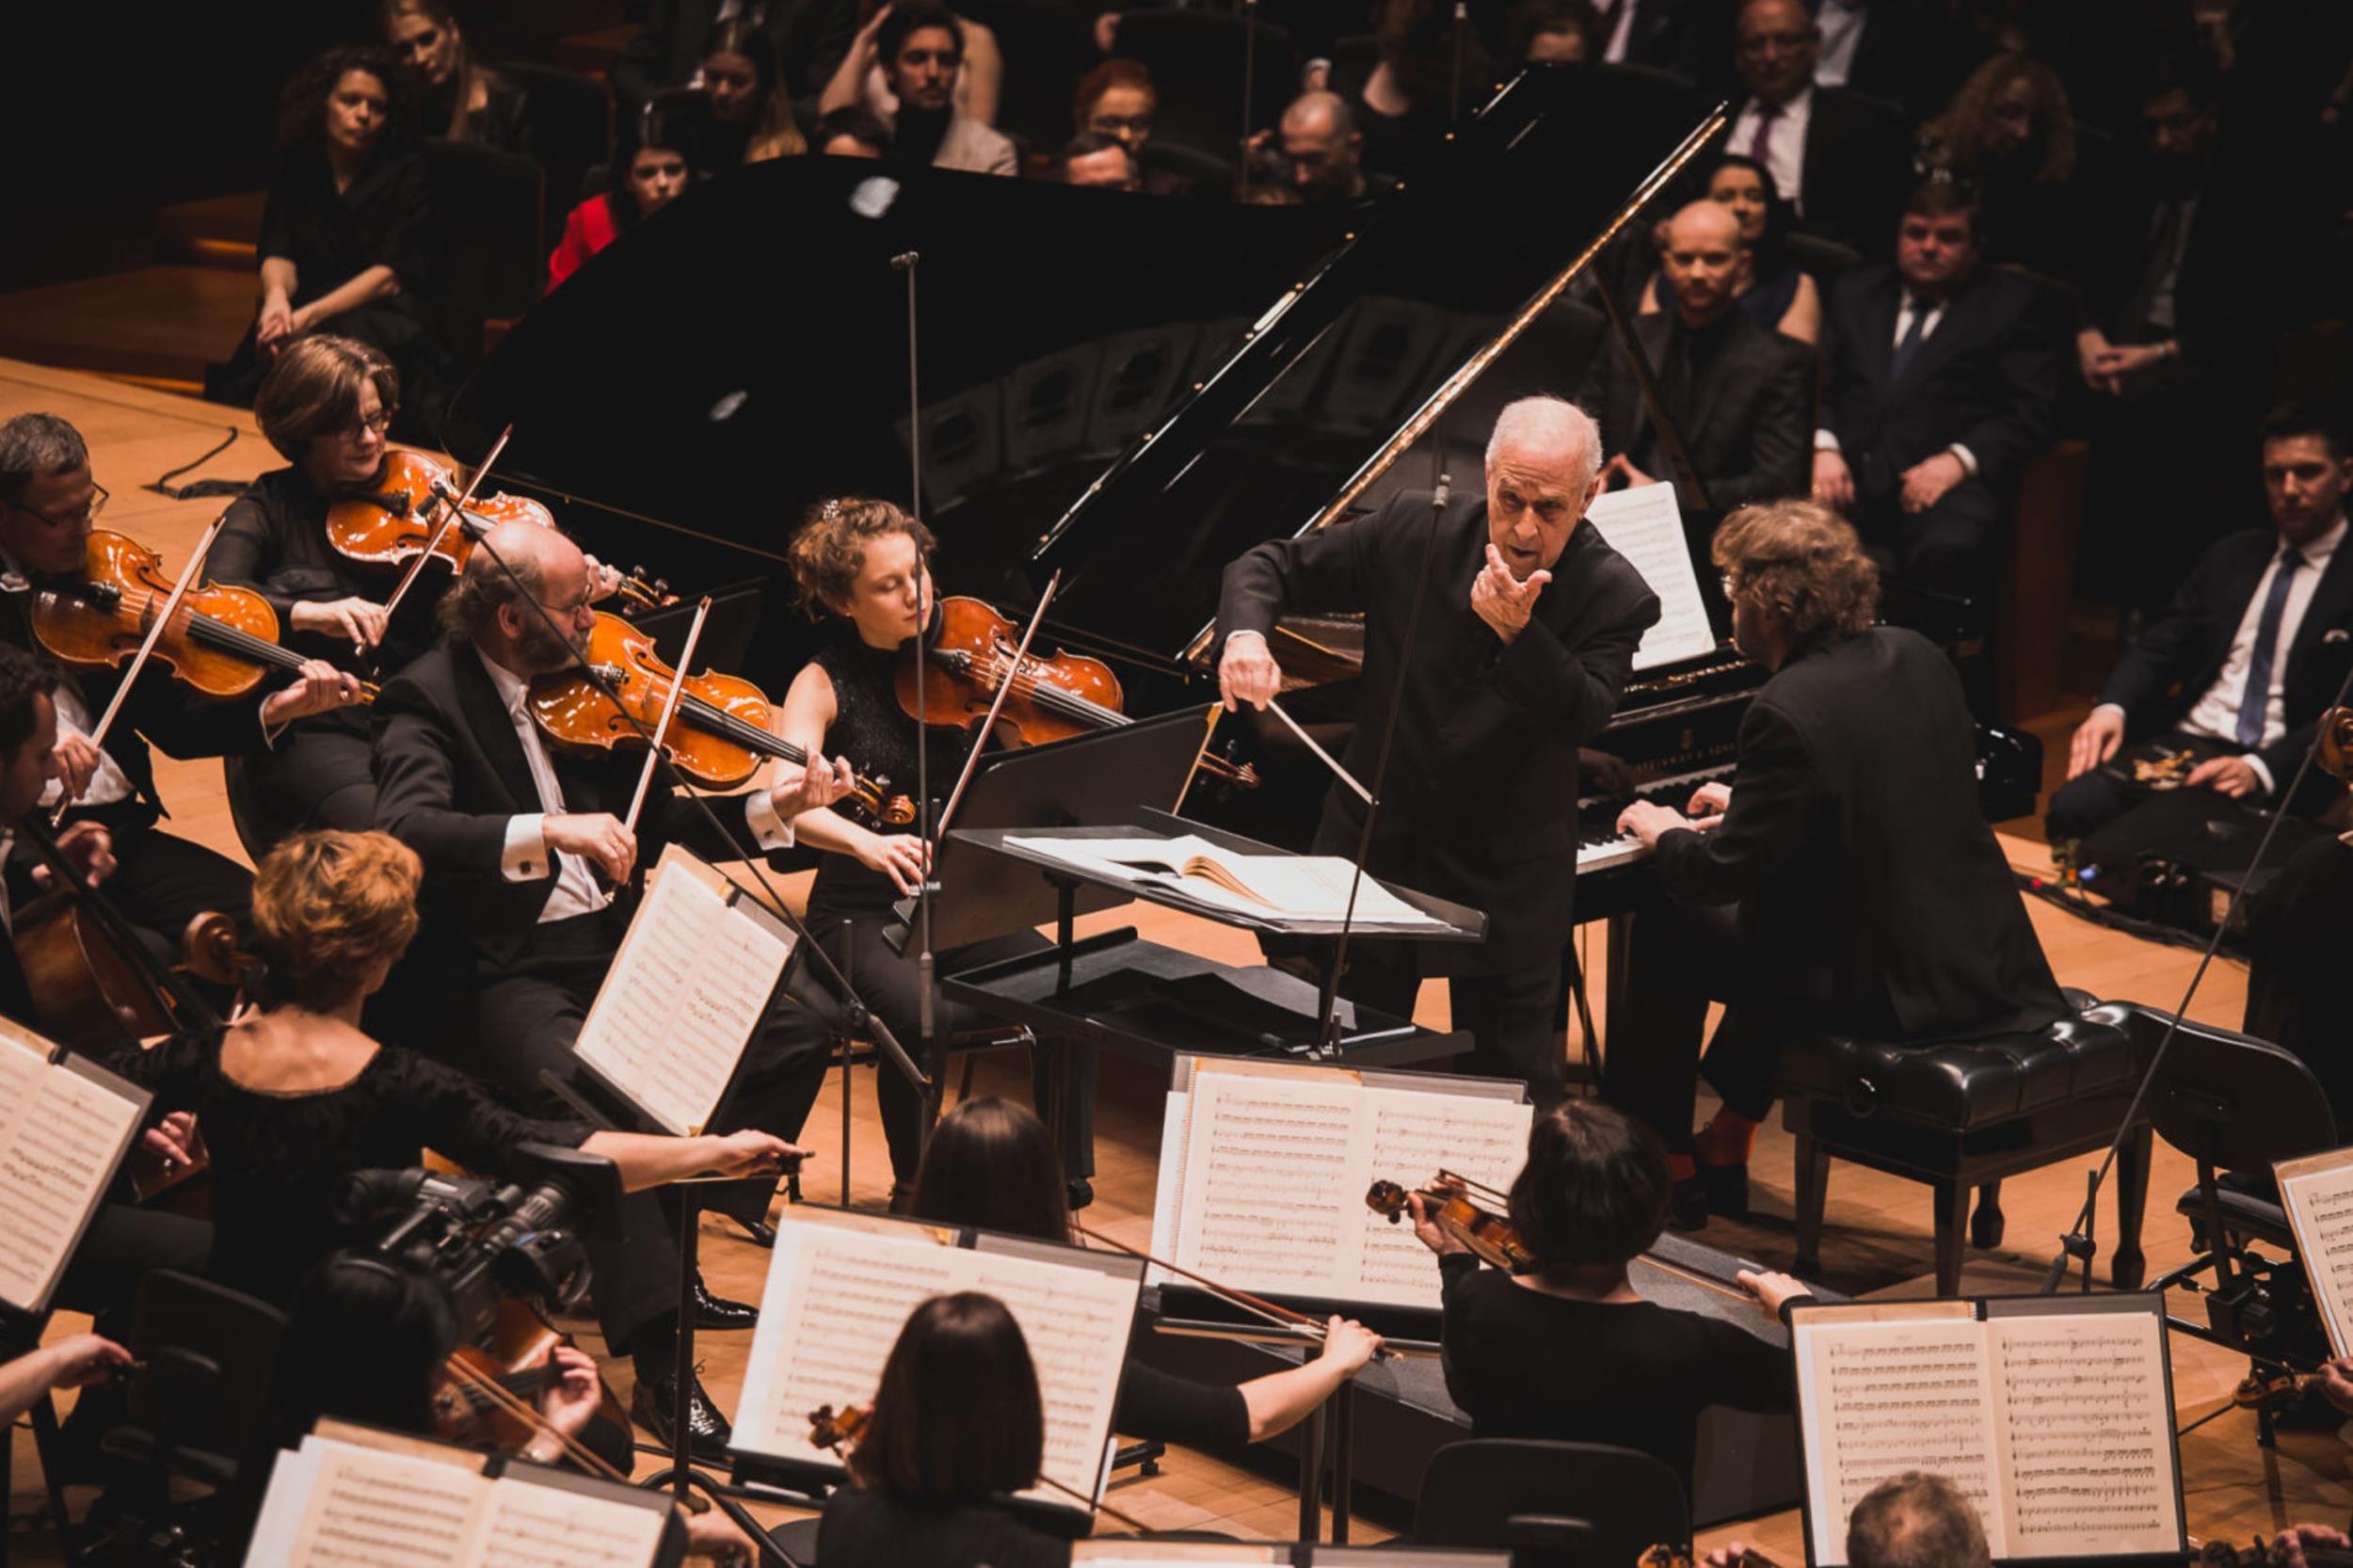 Narodowa Orkiestra Symfoniczna Polskiego Radia W Katowicach Fot Wojtek Dobrogojski